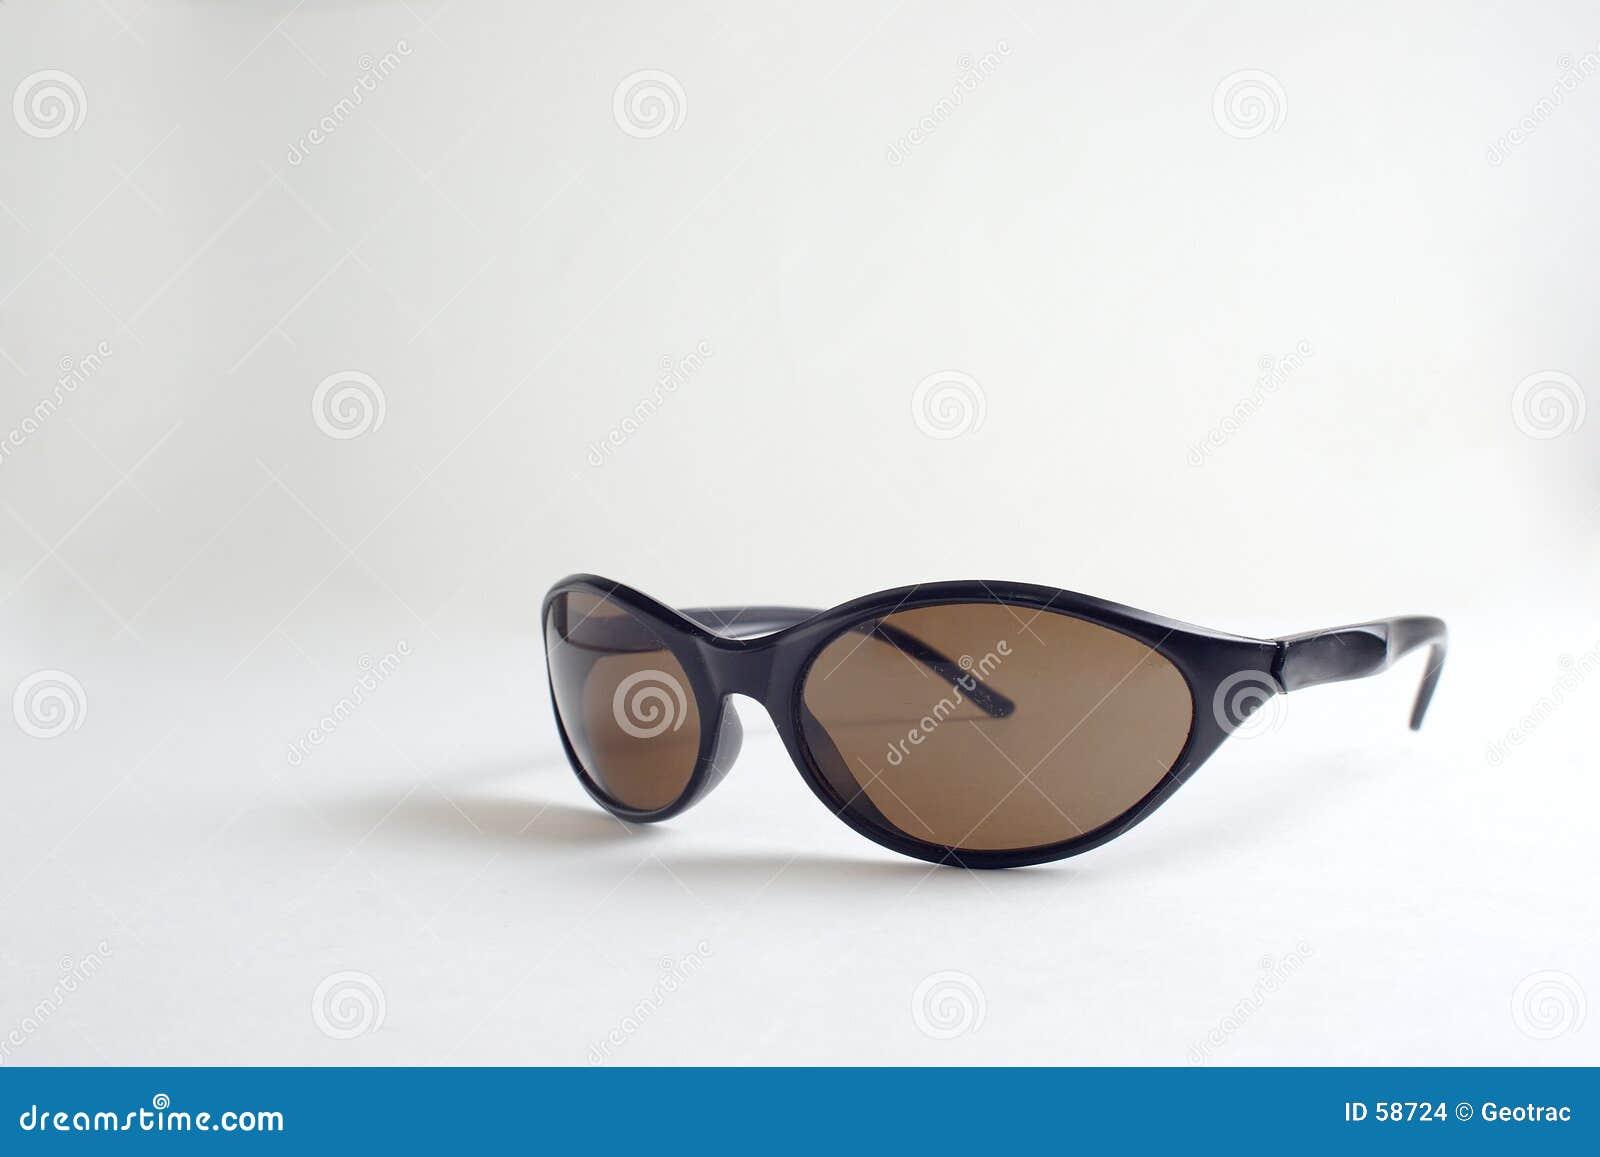 Download Une Paire De Lunettes De Soleil Noires Photo stock - Image du ensoleillé, sunglasses: 58724